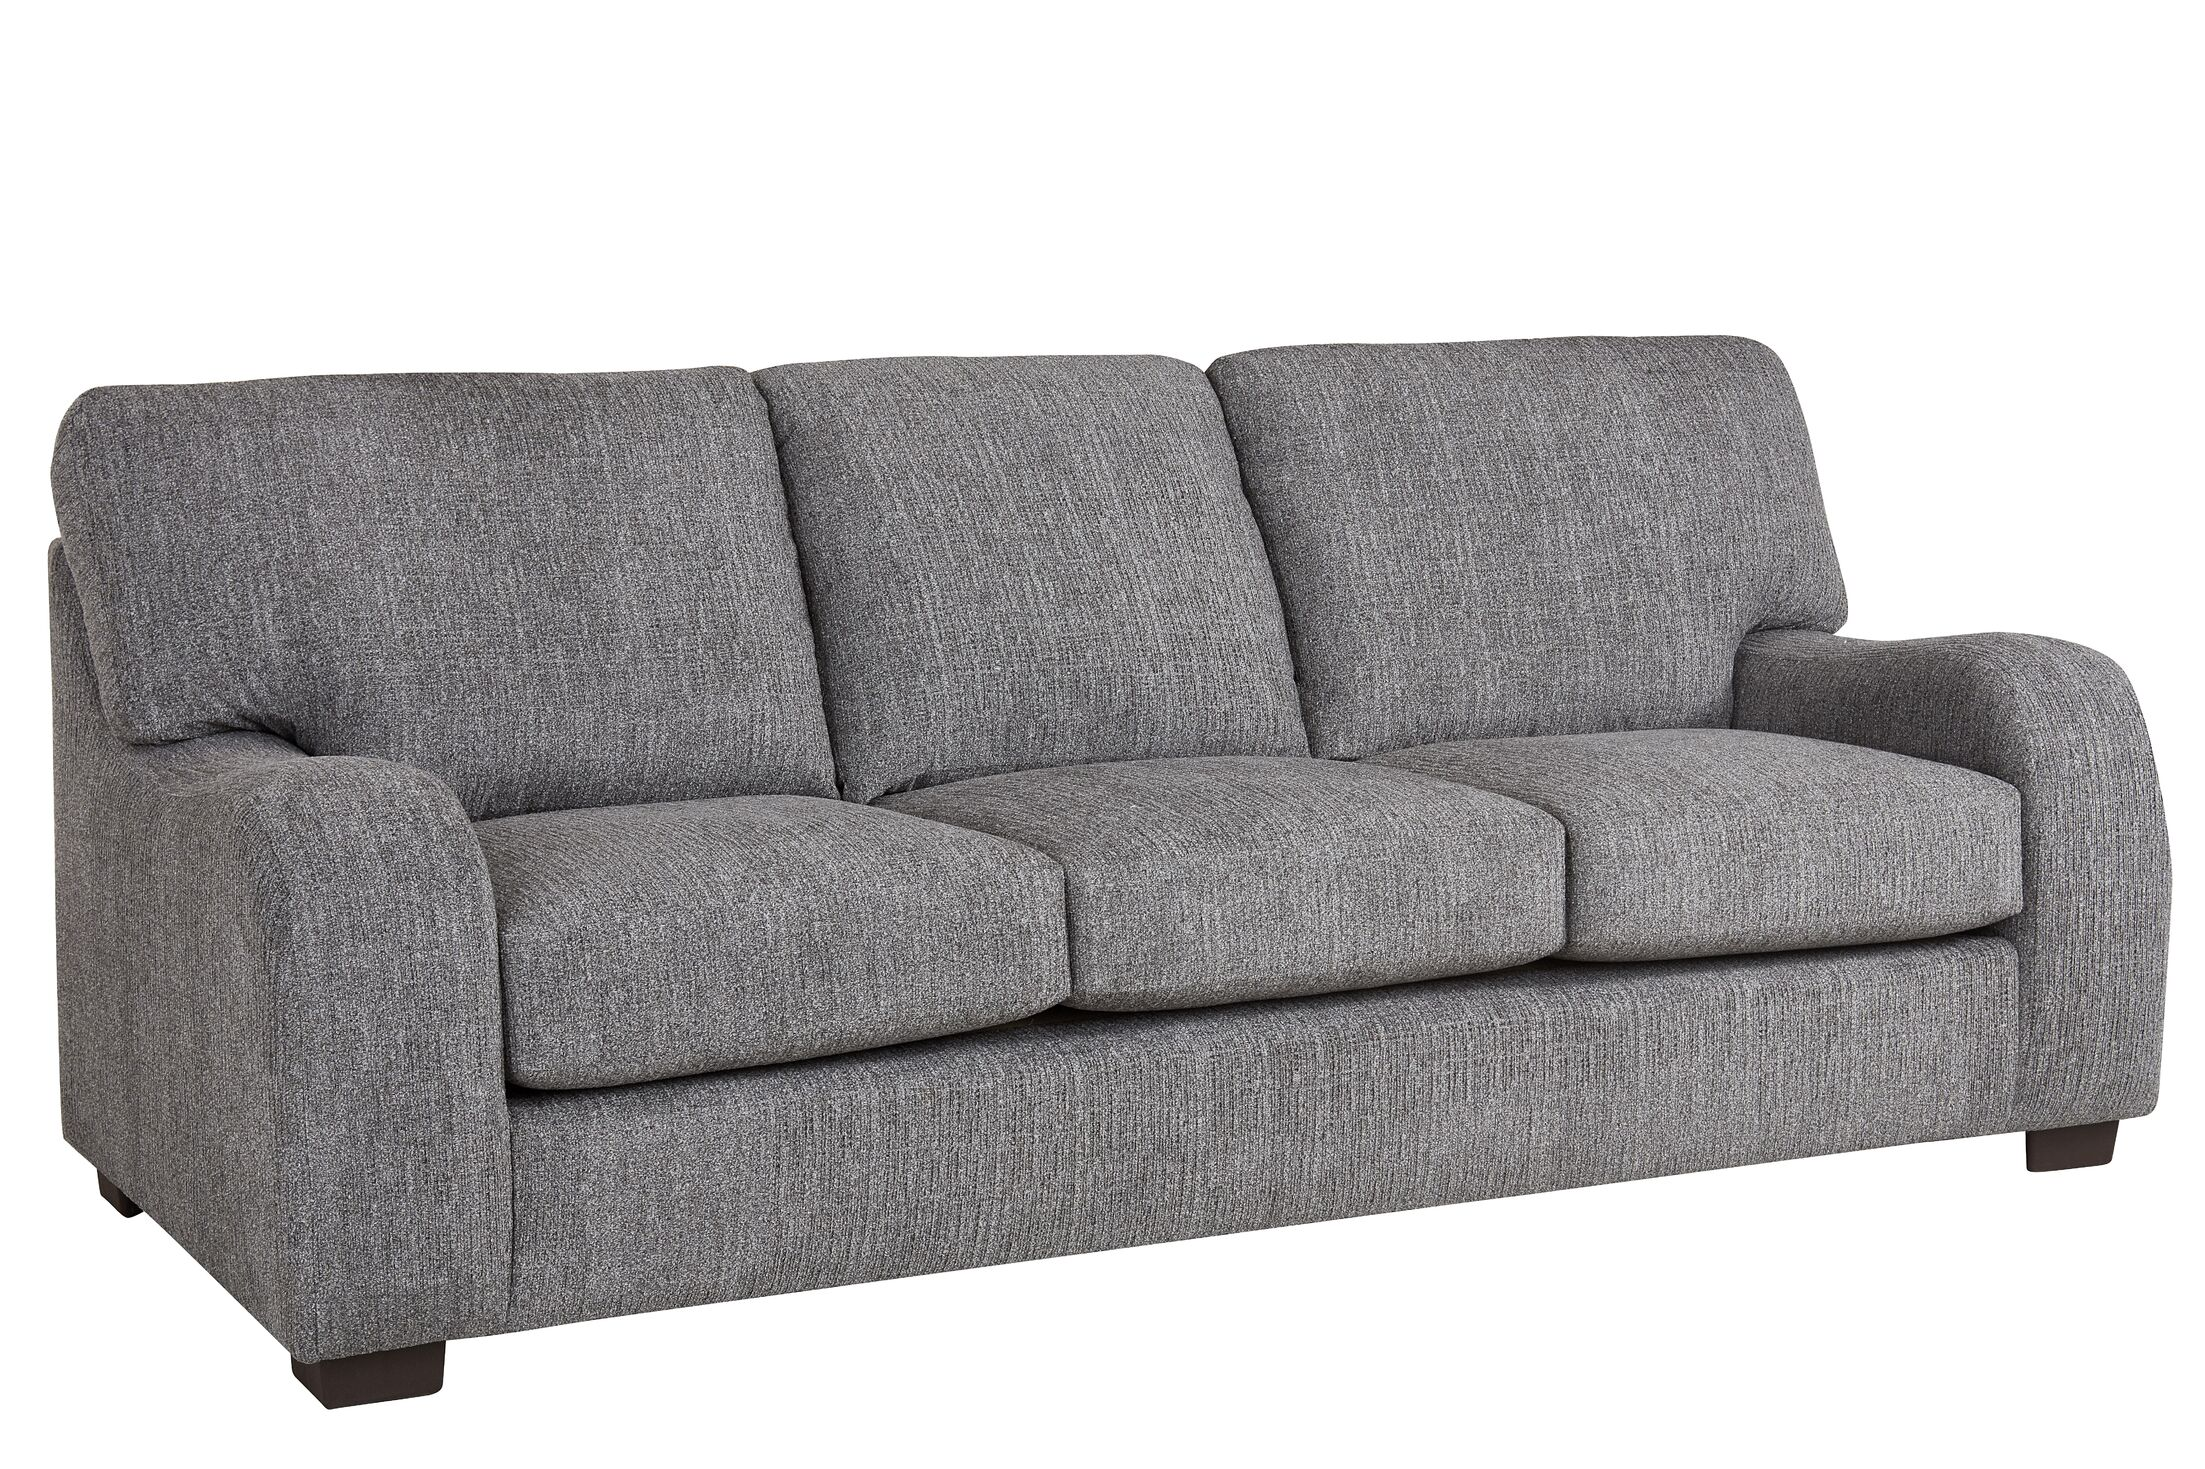 Karpinski Sofa Upholstery: Salt/Pepper